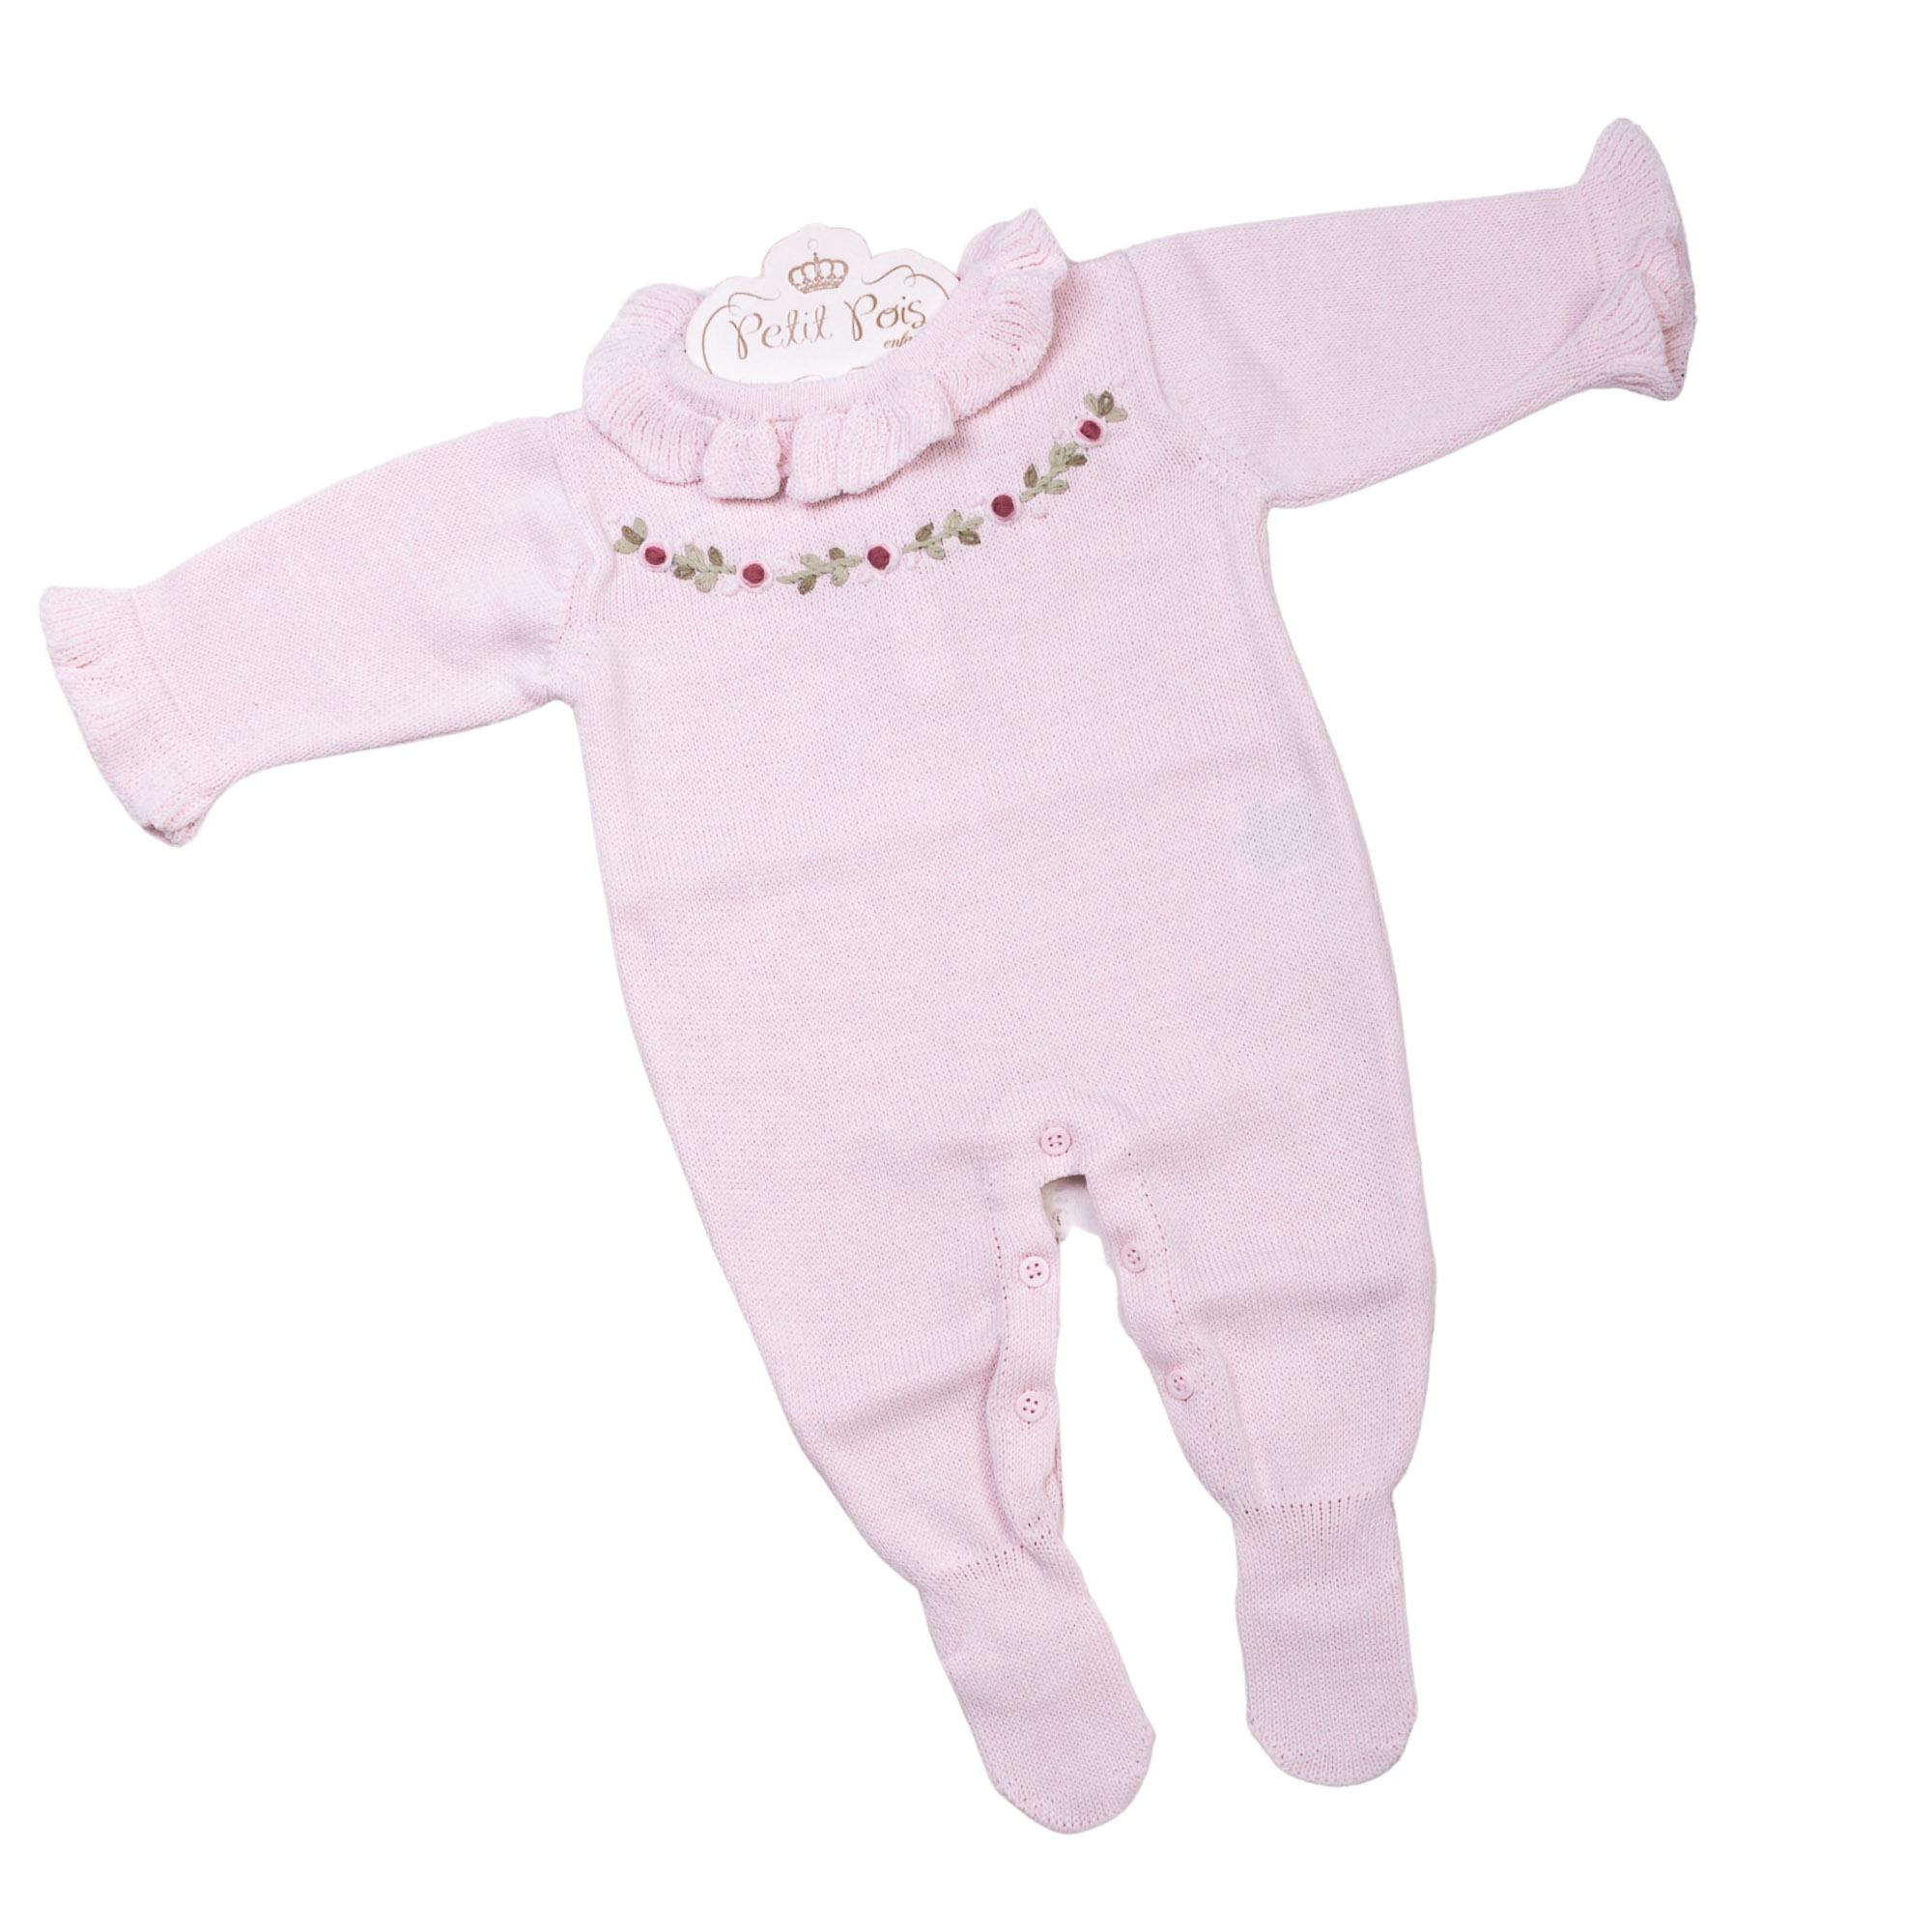 Macacão bebê cordão flores - Rosa pó